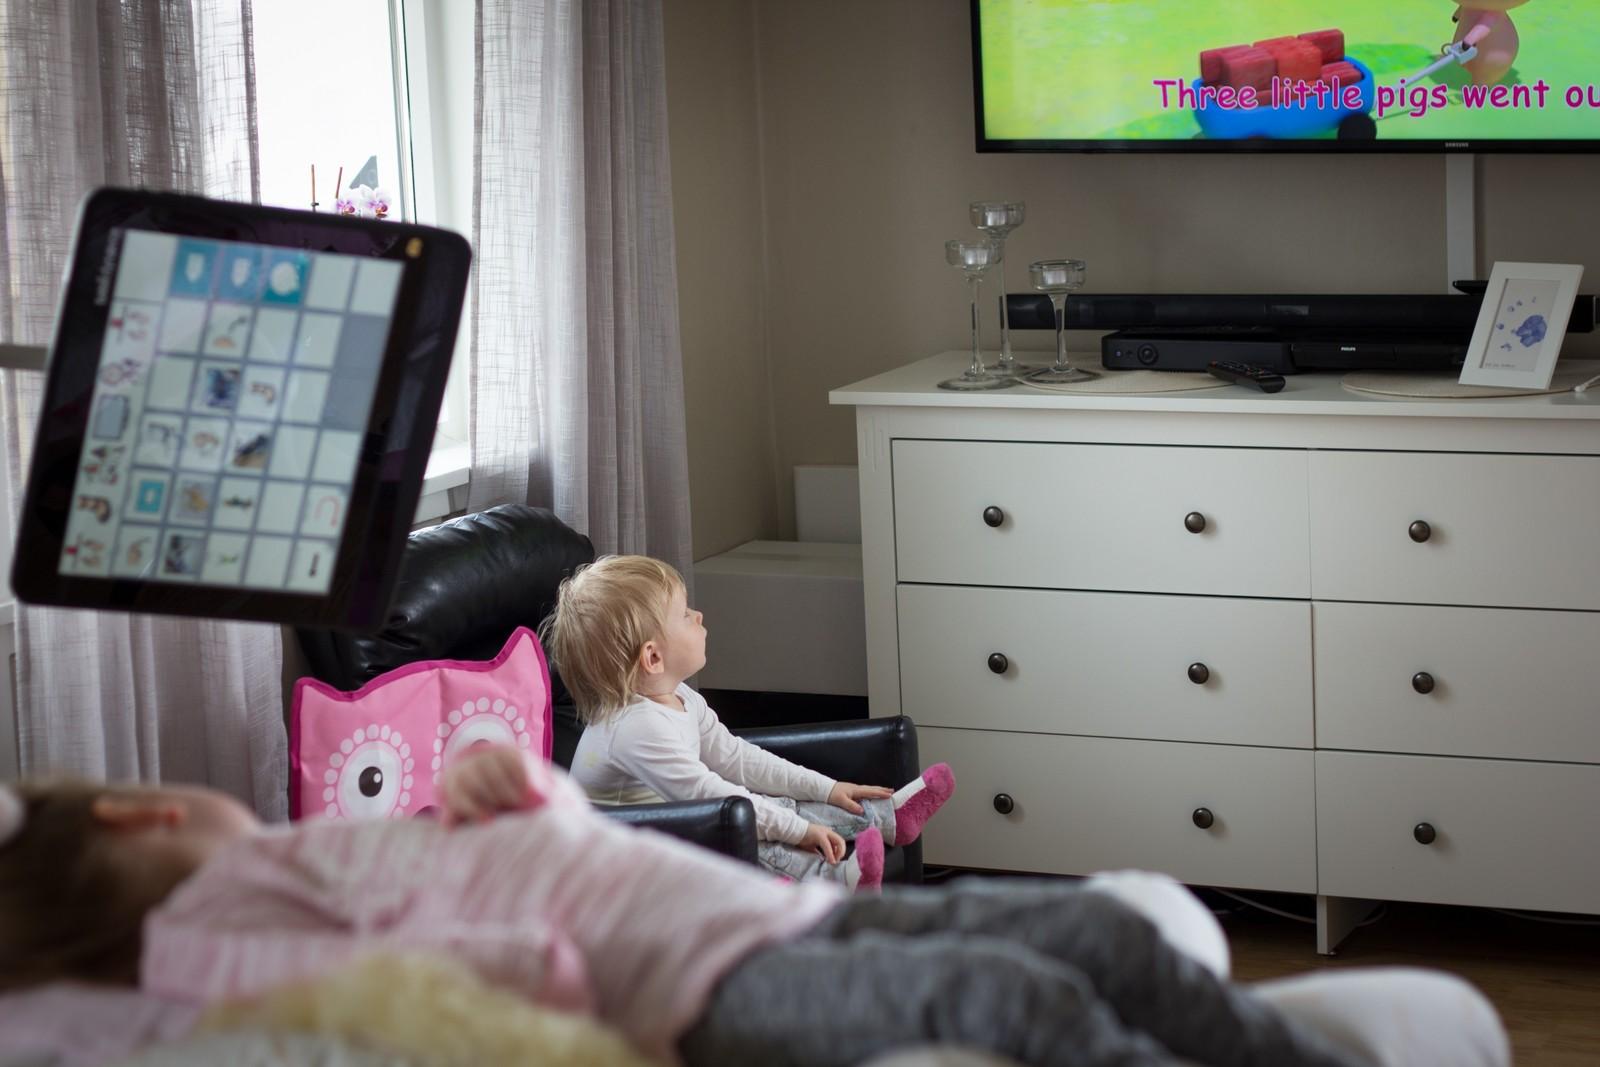 Søstrene Frida Marie (3) og Amalie (16 måneder) er hjemme i stua og ser på TV. Frida Marie ligger på en seng, mens Amalie sitter i en stol.